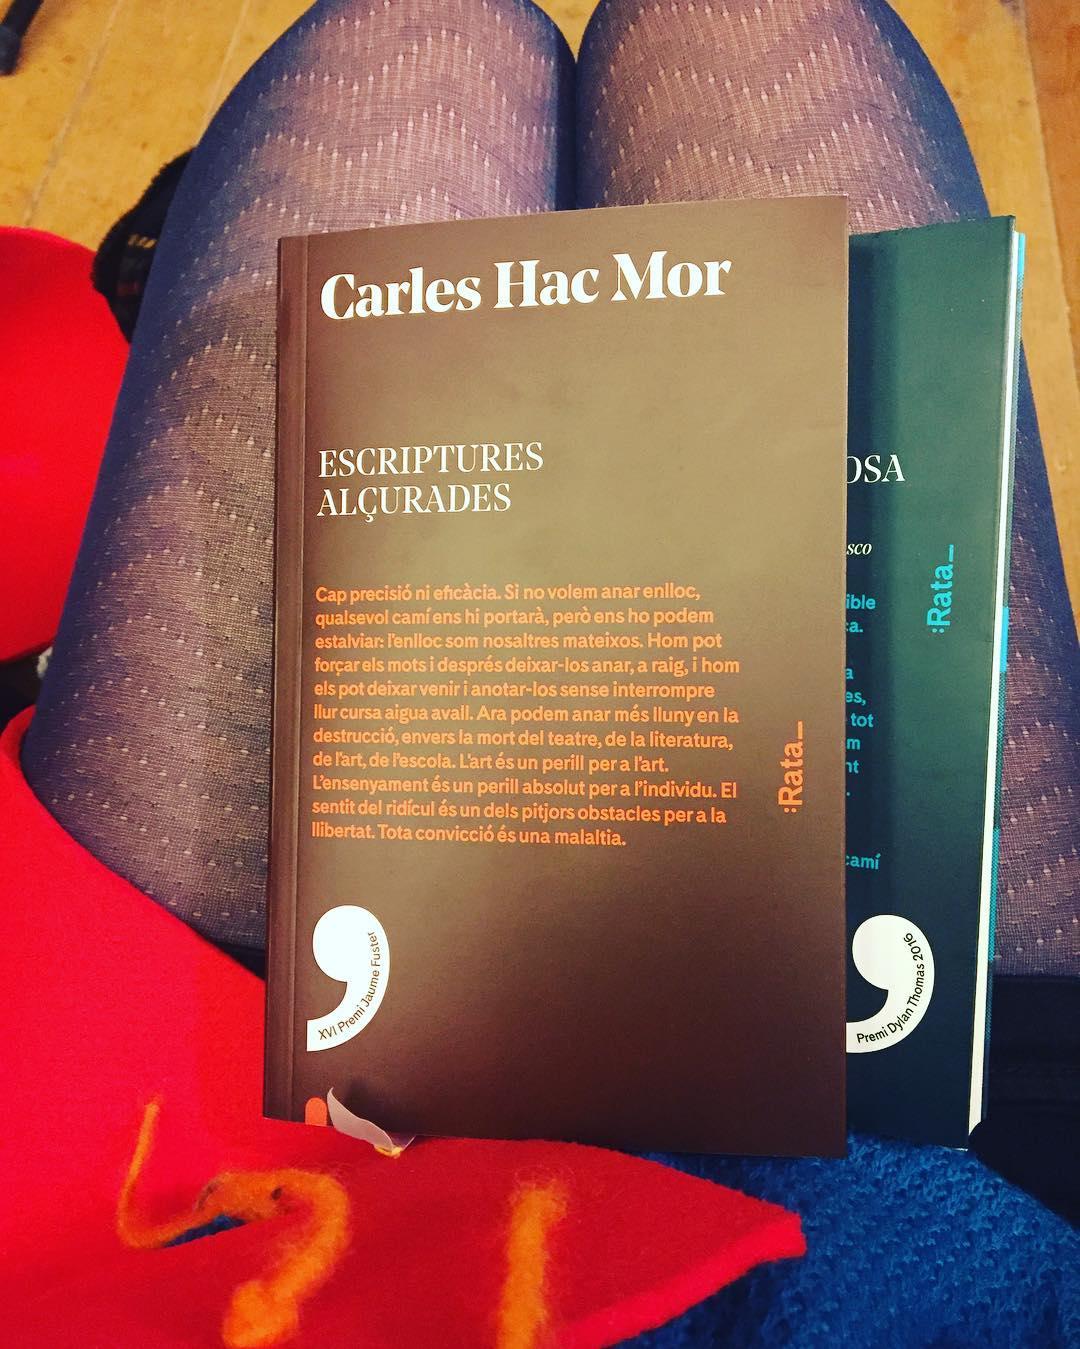 Agafeu ja les #escripturesalçurades del #carleshacmor editades per @rata_books